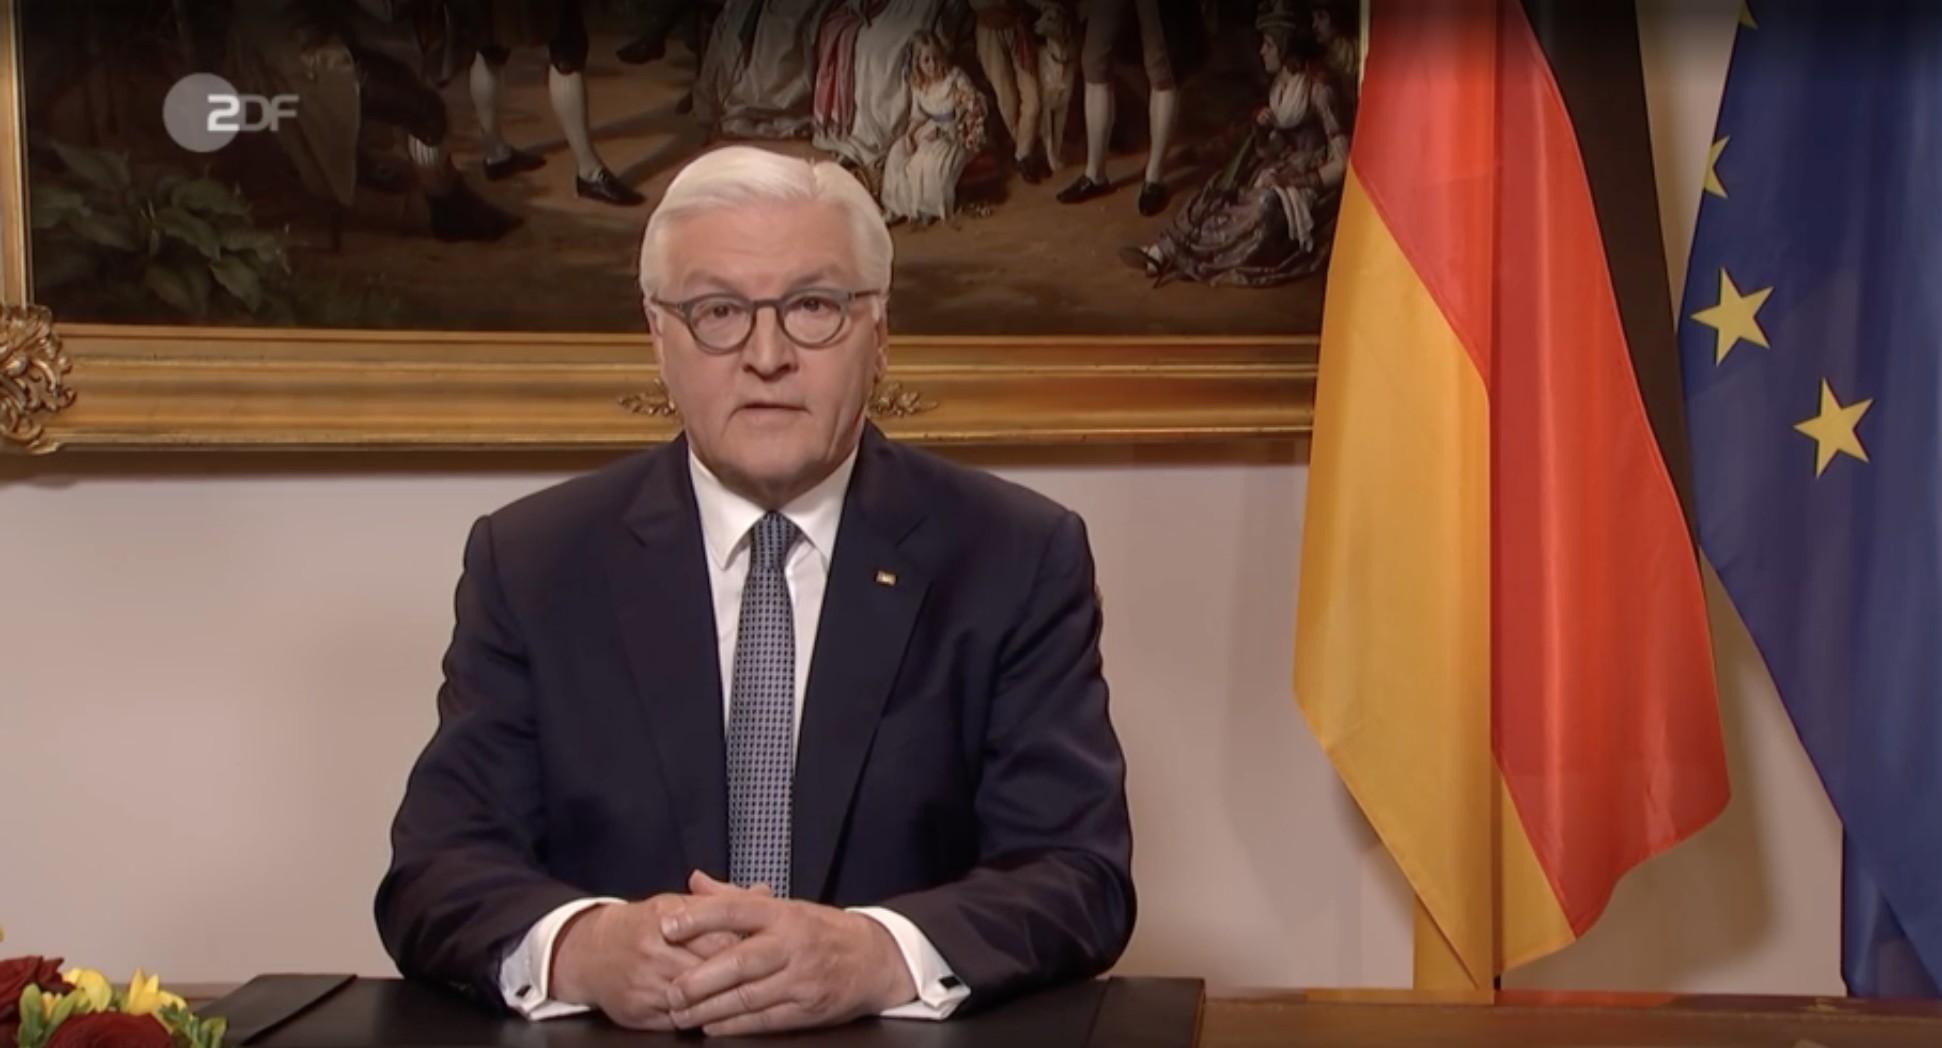 Em aparição excepcional, presidente alemão diz que pandemia é 'teste de humanidade'